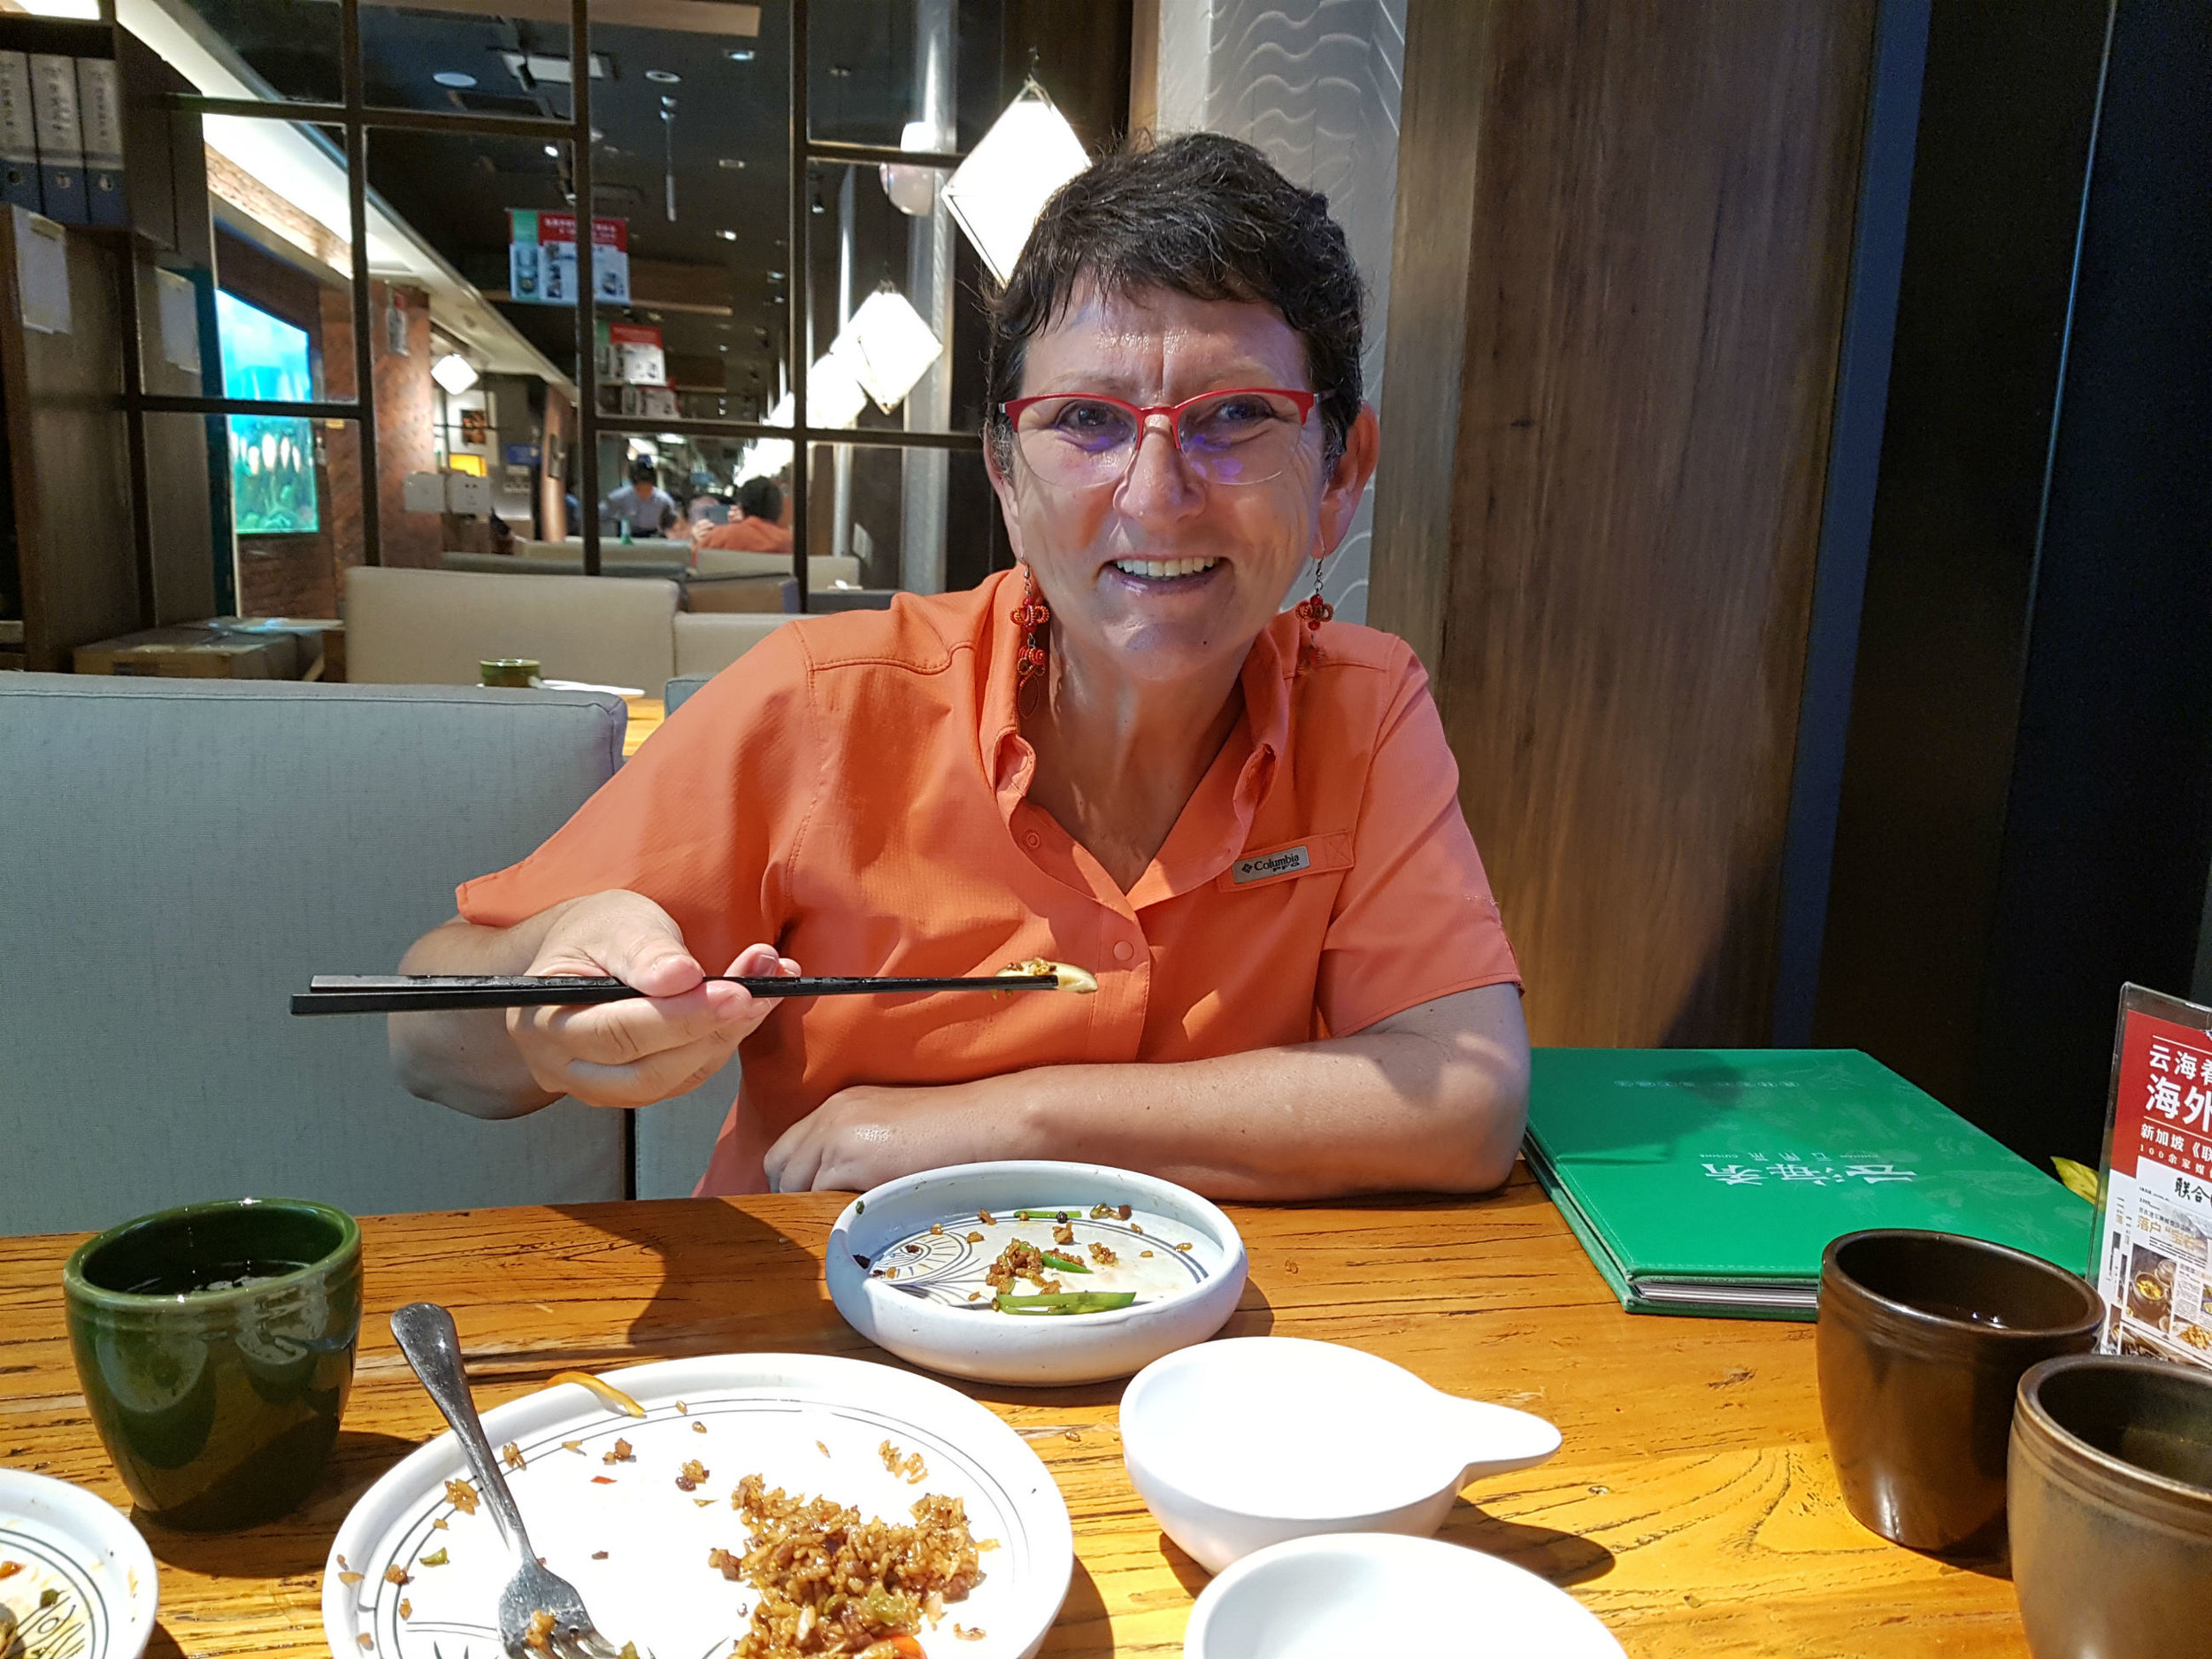 Enjoying noodles in Lanzhou